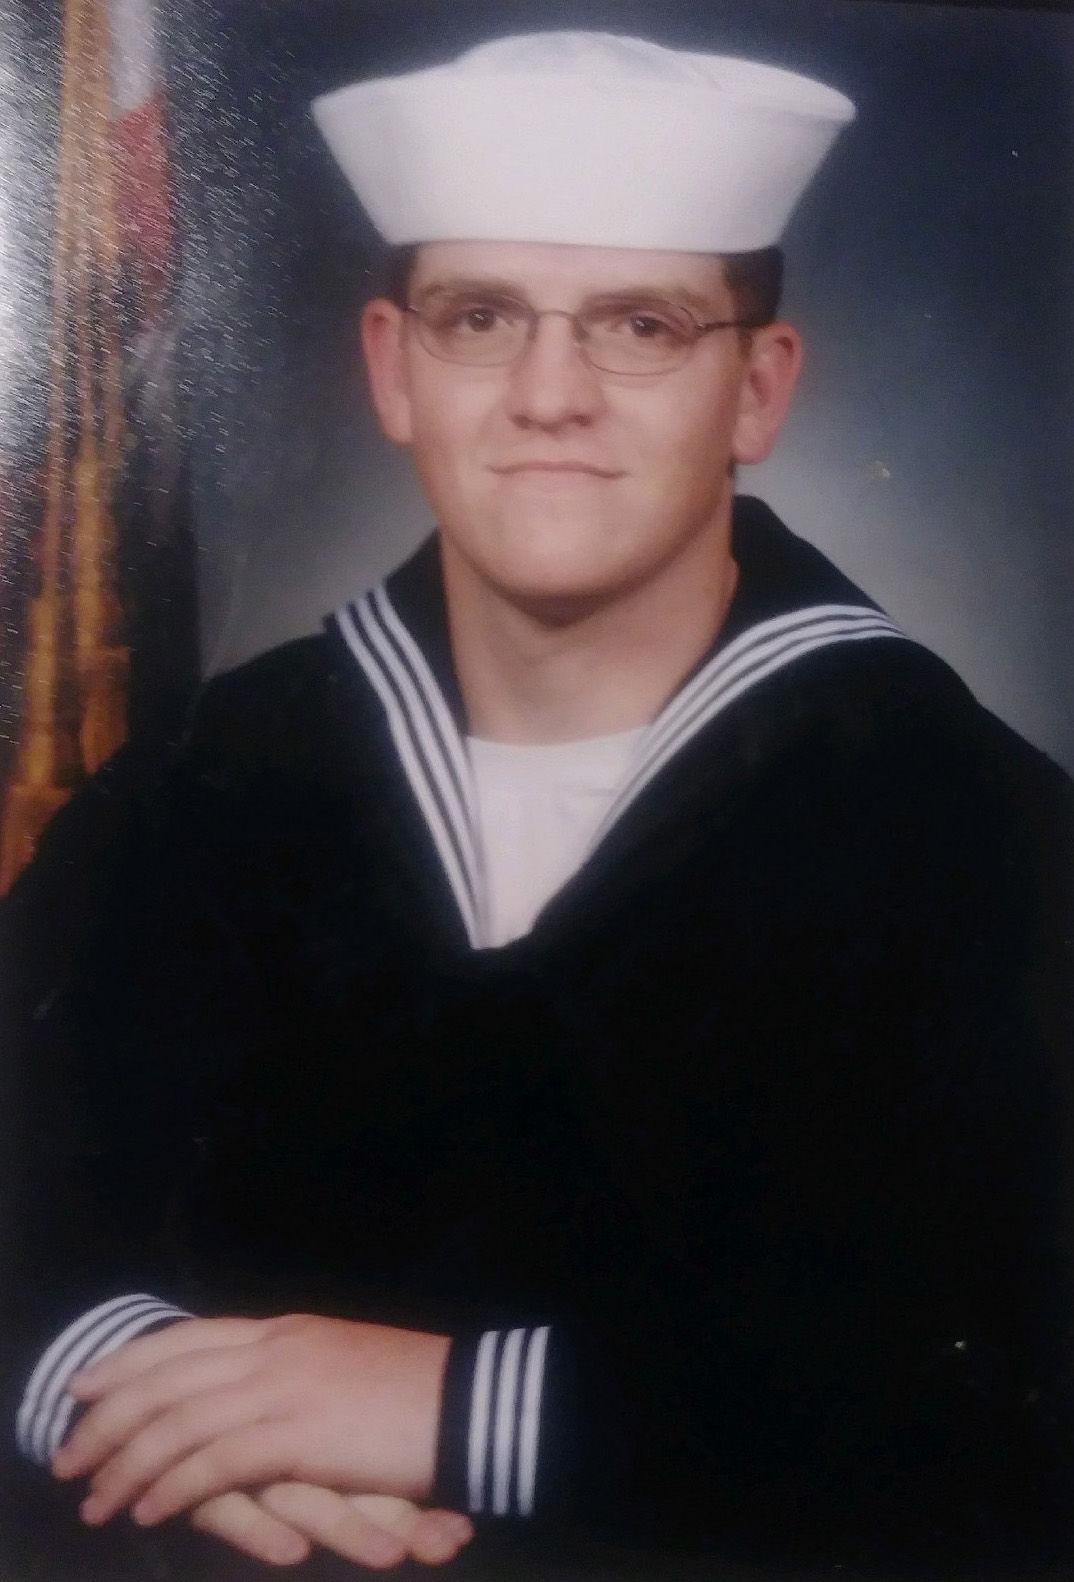 william newton navy uniform2.jpg